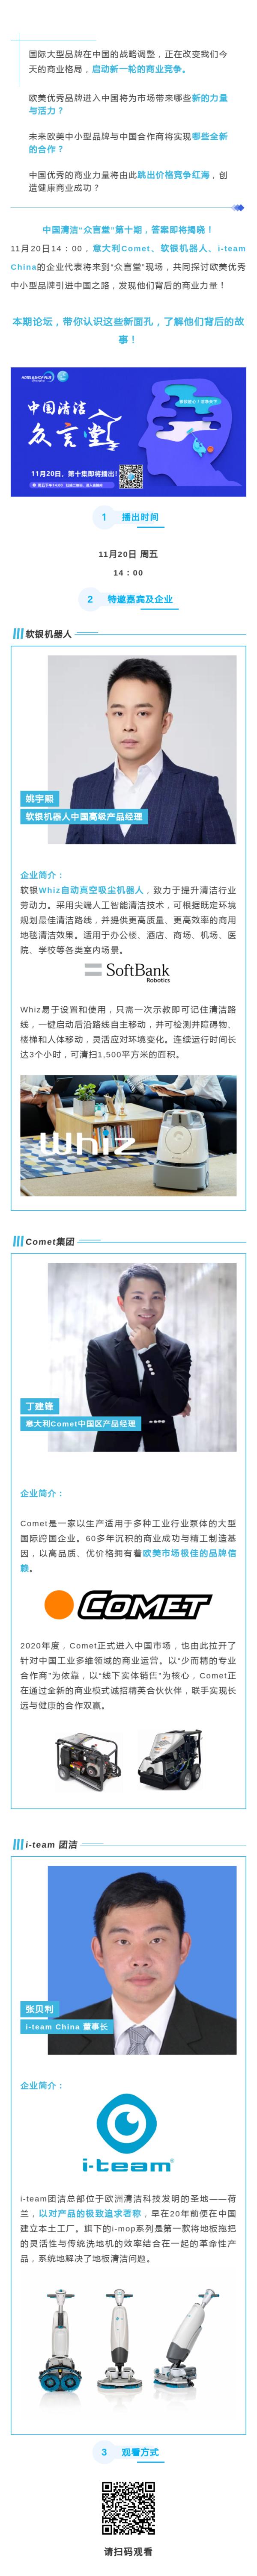 清洁众言堂(十)丨共赢 or 竞争?国际优秀品牌挺进中国!